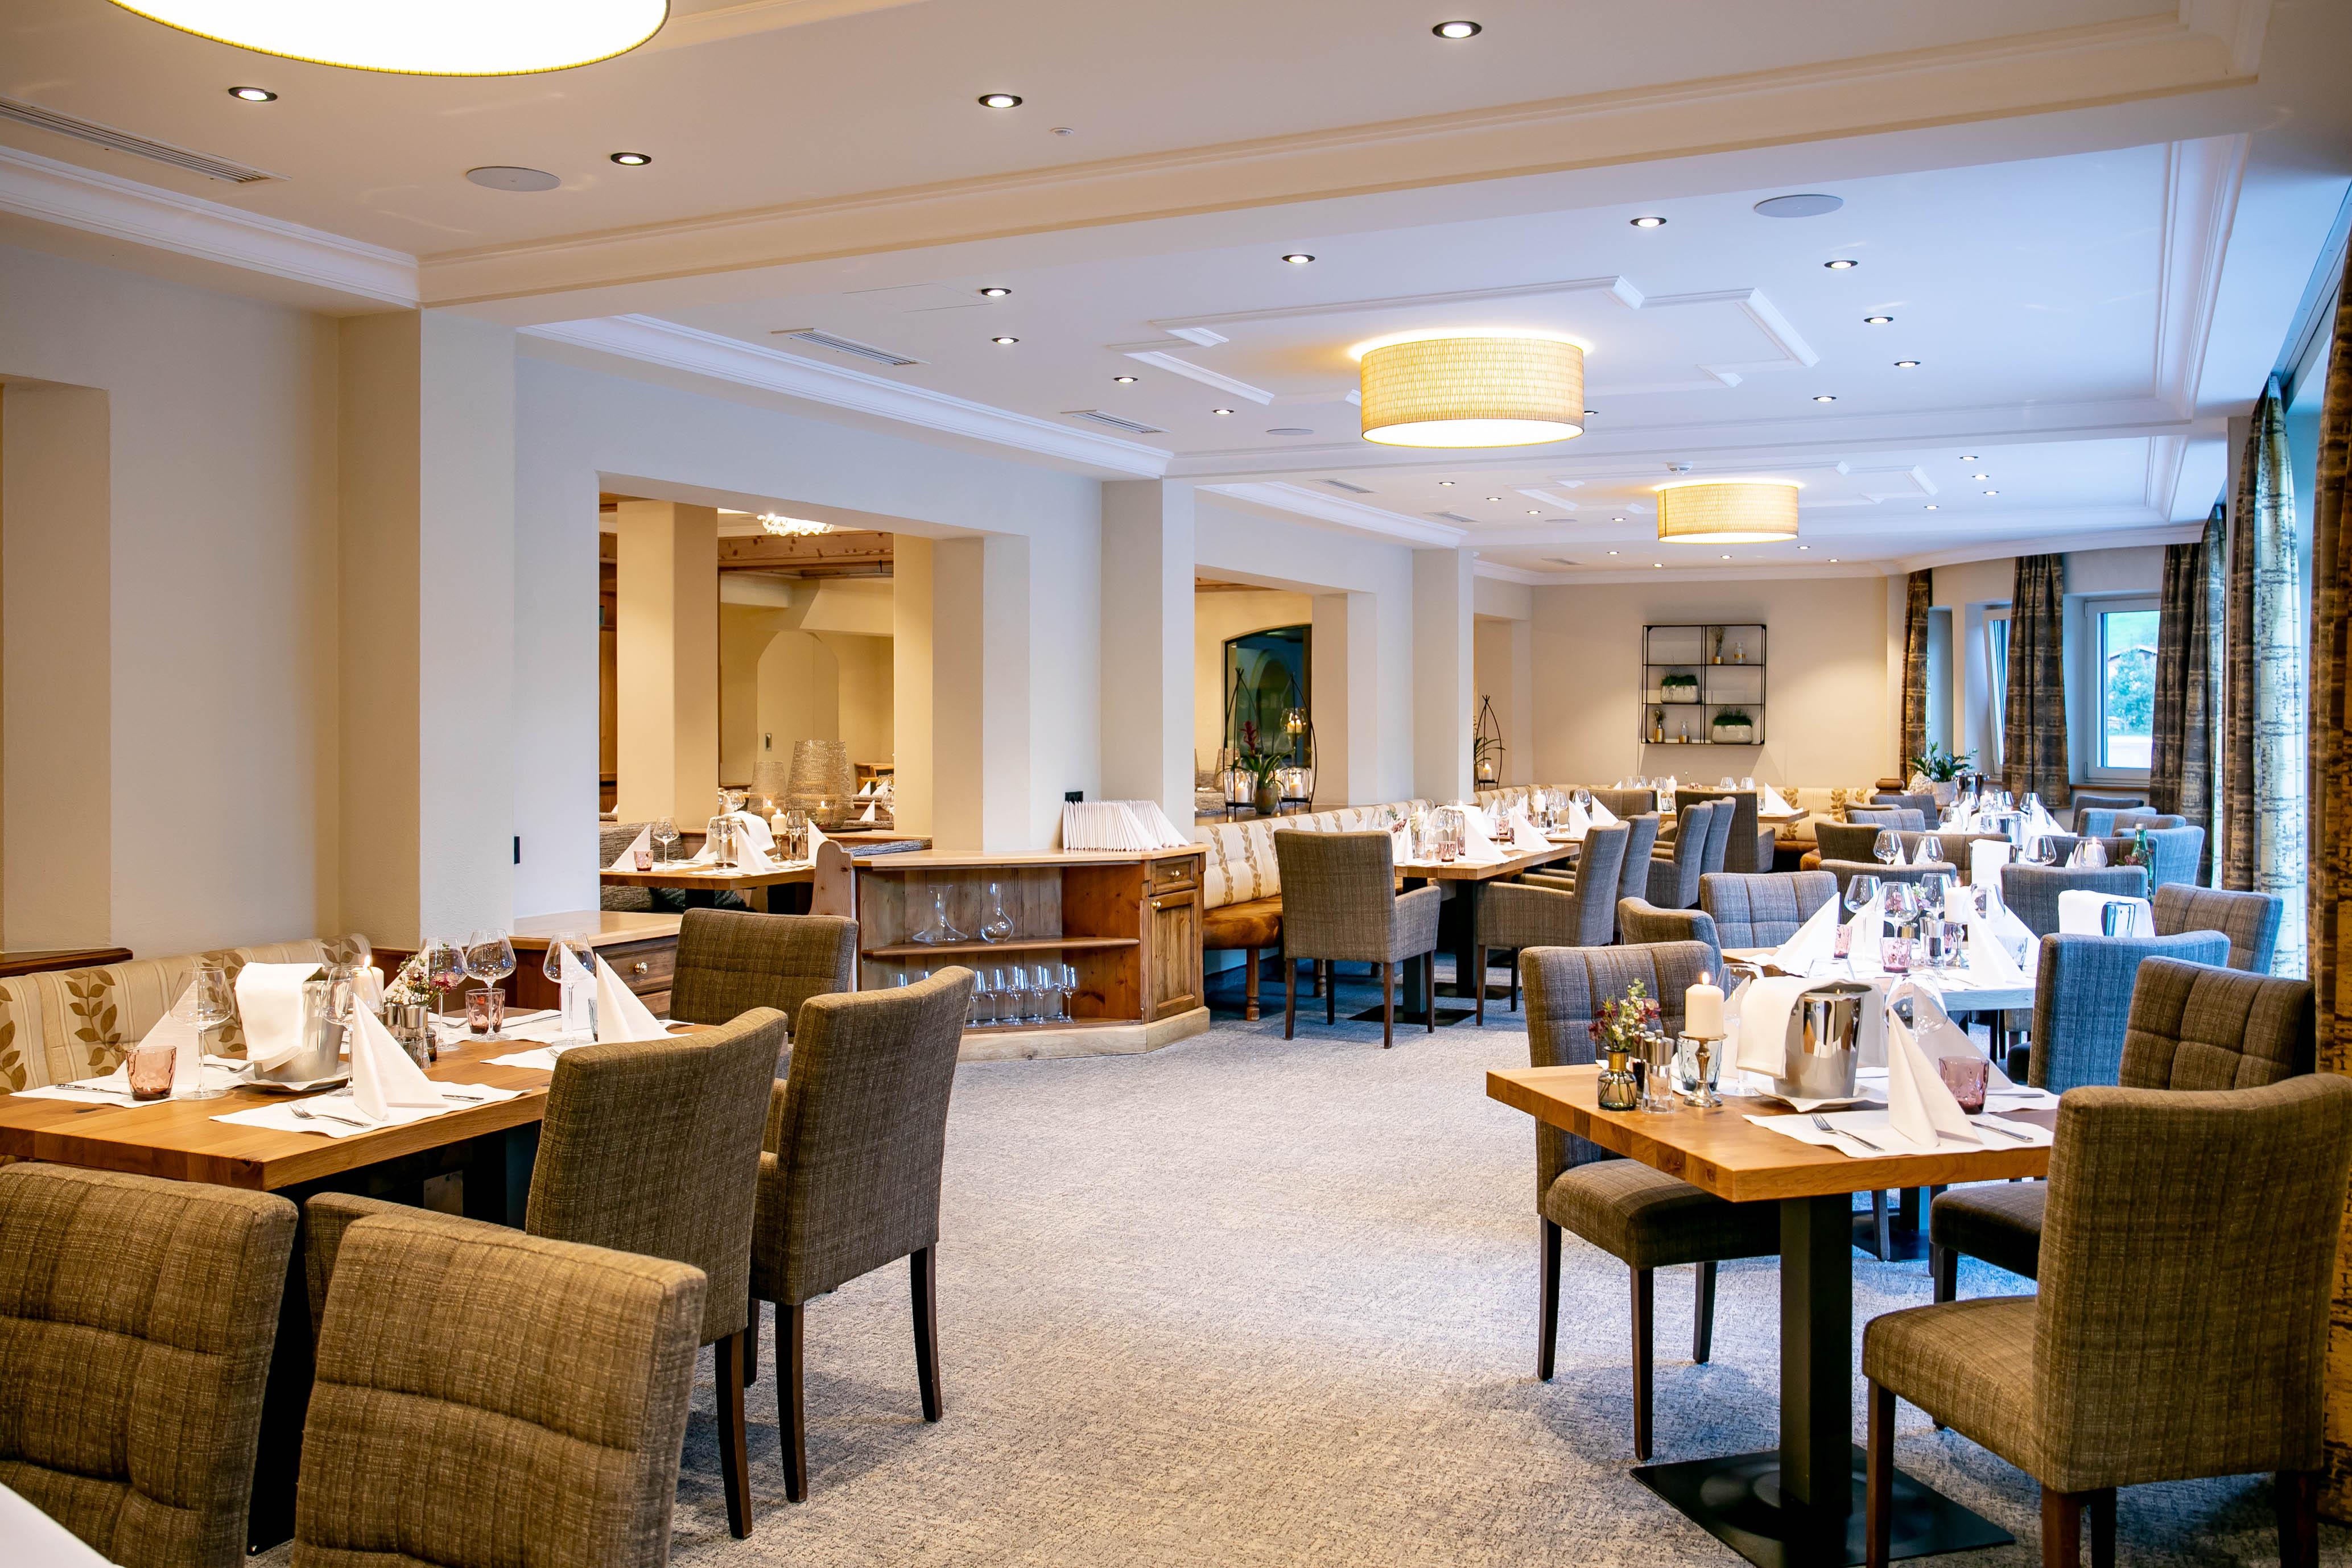 Restaurant im Hotel Edelweiss, ©www.wildbild.at